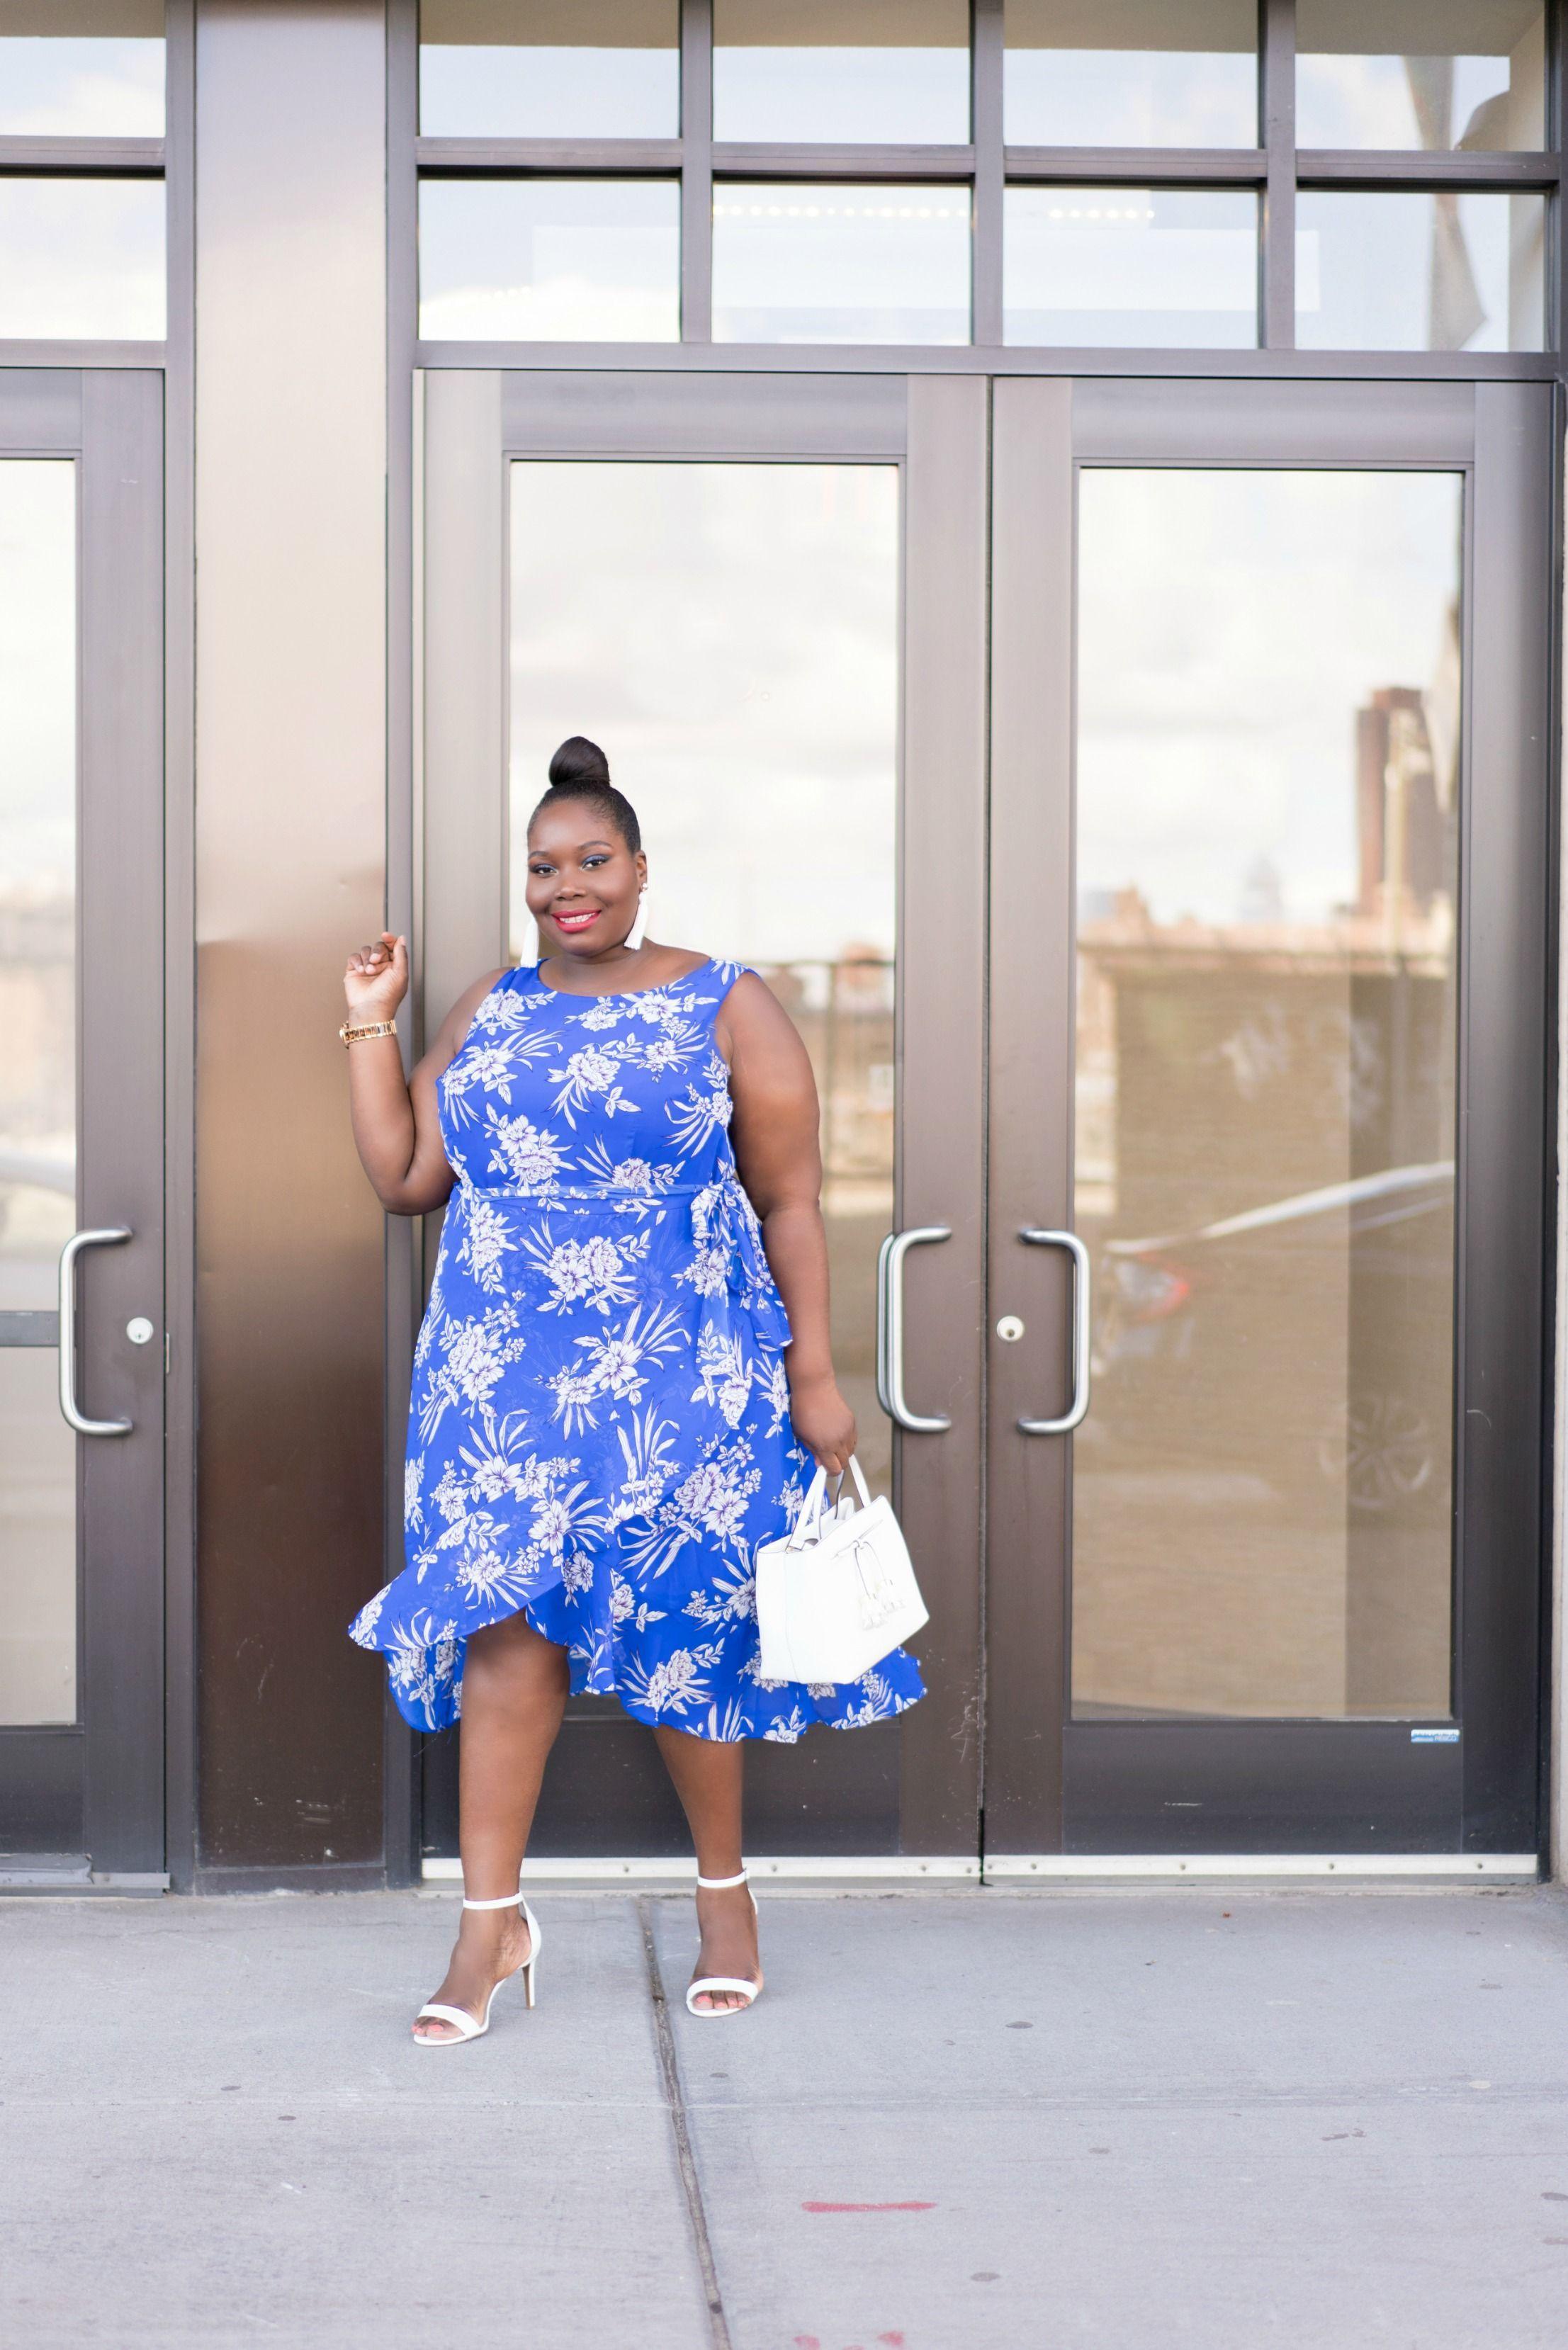 Jcpenney Wedding Guest Dresses Dresses For Wedding Party Lace Top Dress Graduation Dress Plus Size Plus Size Dresses [ 1024 x 787 Pixel ]